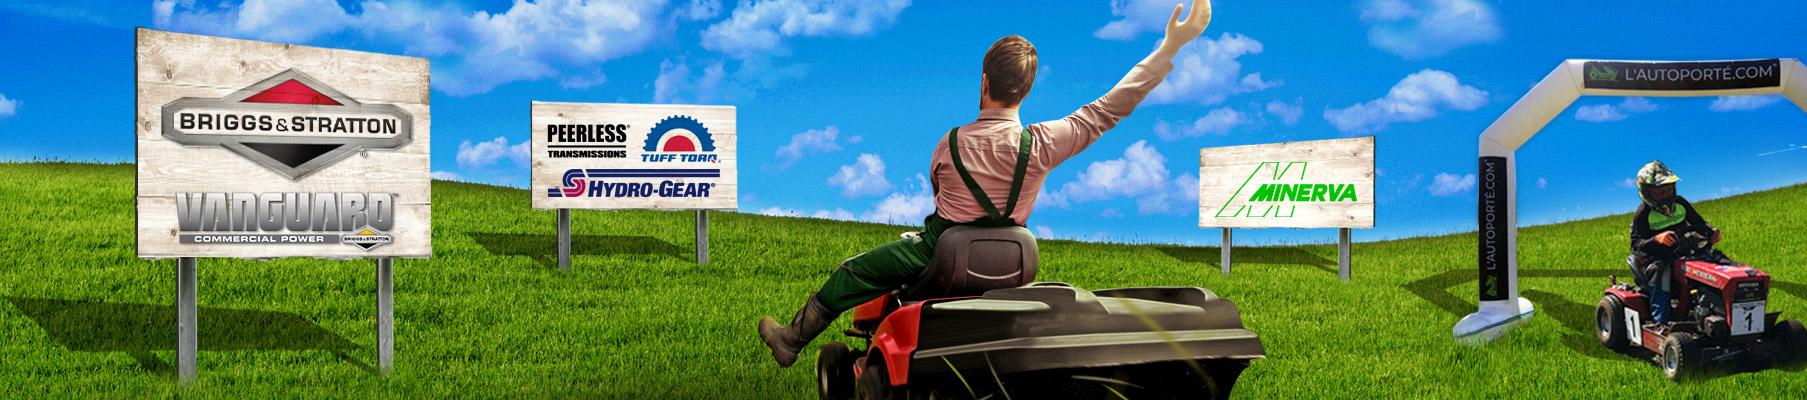 Moteurs & Pièces de Tracteurs Tondeuses Autoportées - Origine Briggs & Stratton - Vanguard - L'autoporté.com